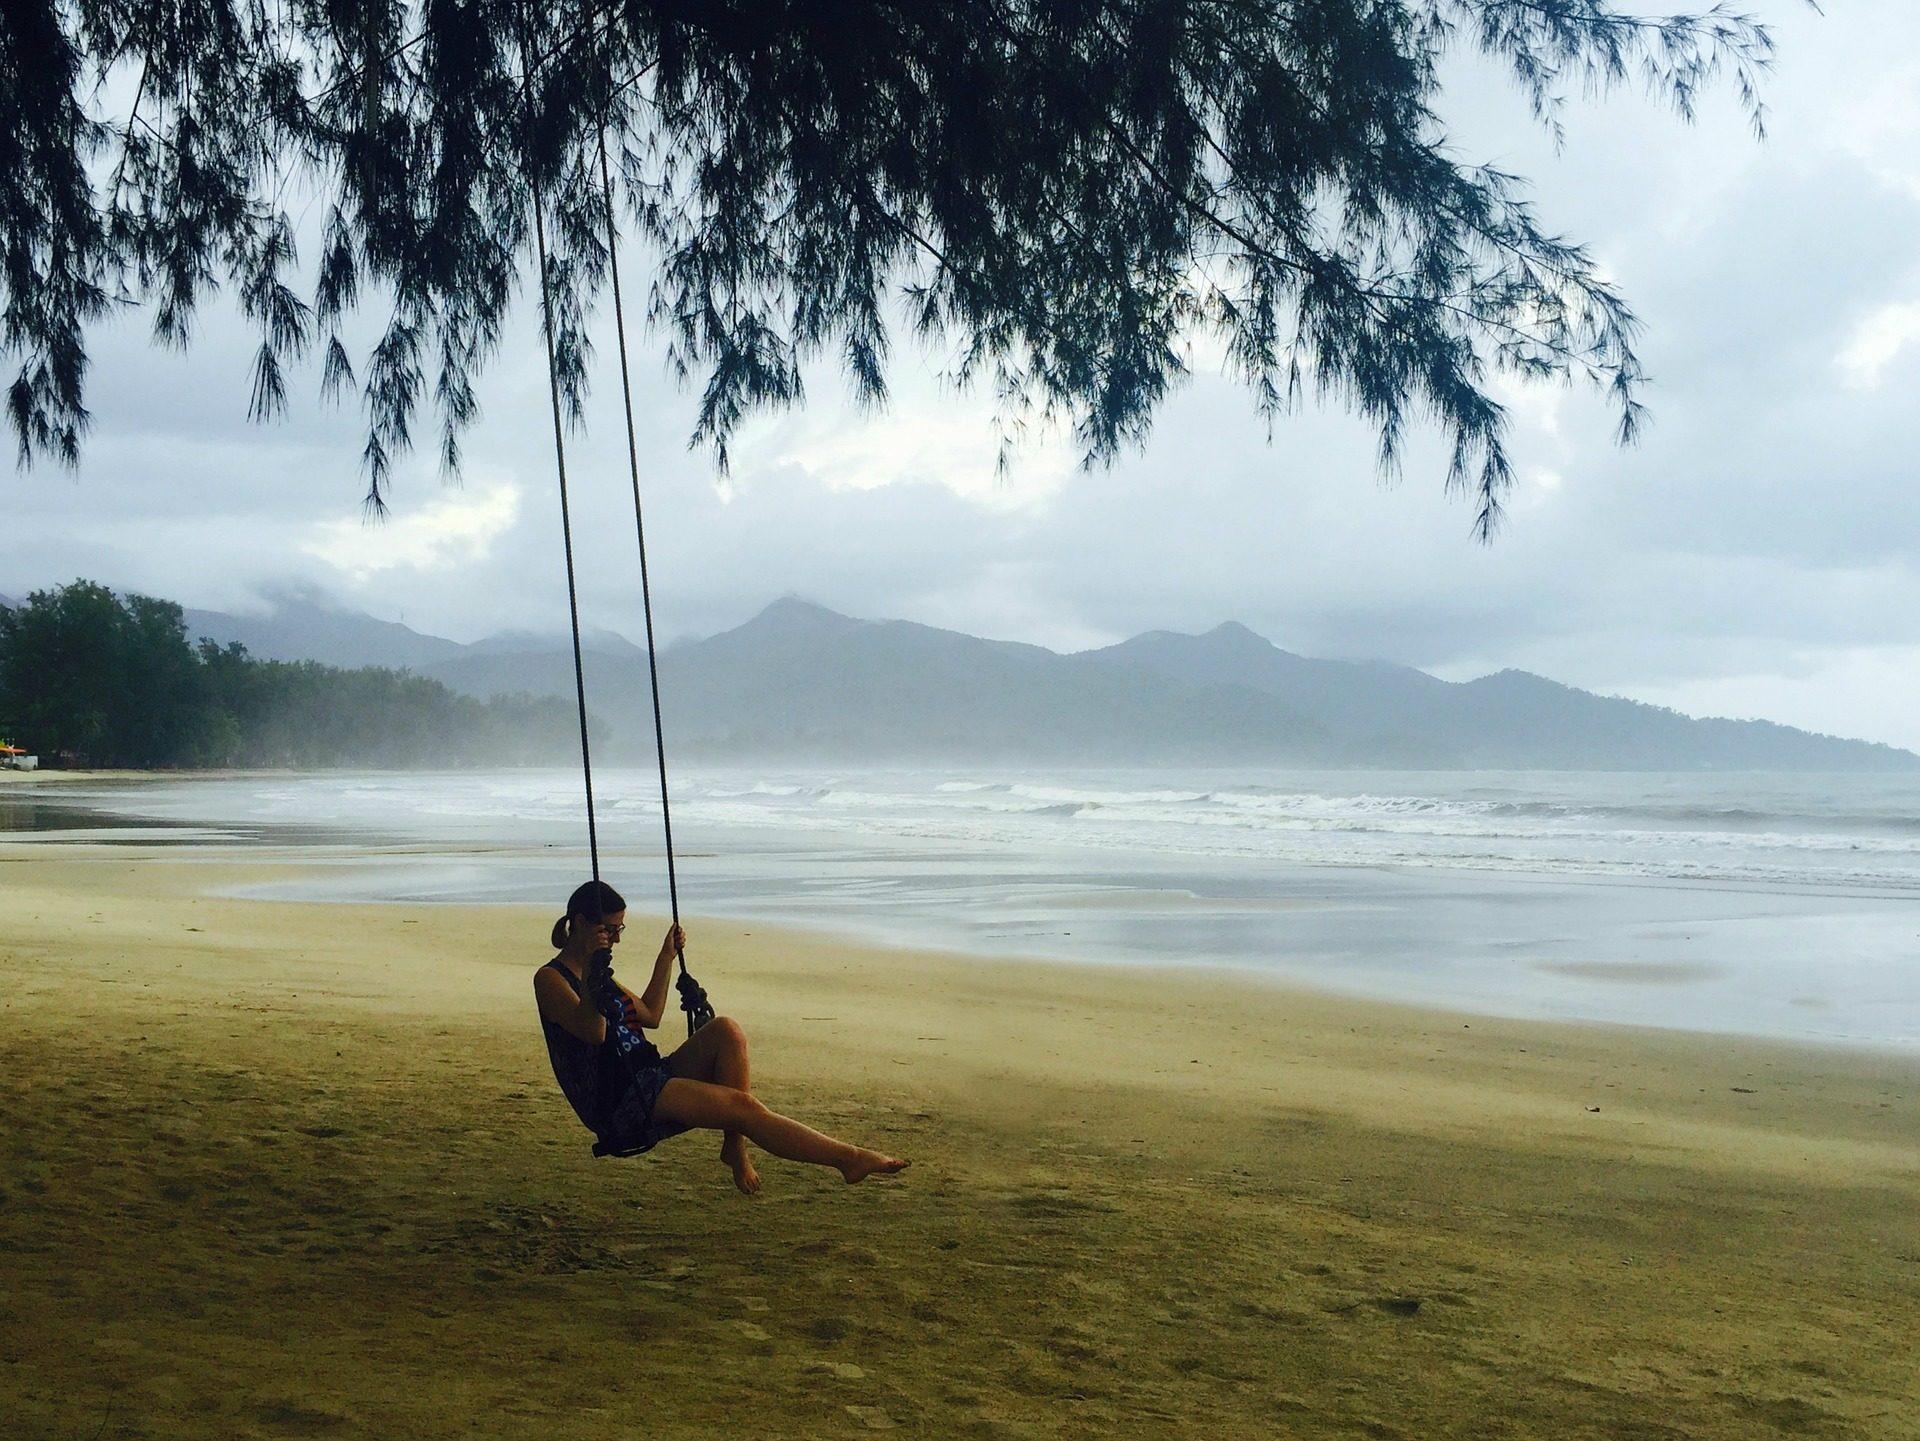 الشاطئ, الرمال, أرجوحة, حبل, شجرة, امرأة, الاسترخاء - خلفيات عالية الدقة - أستاذ falken.com